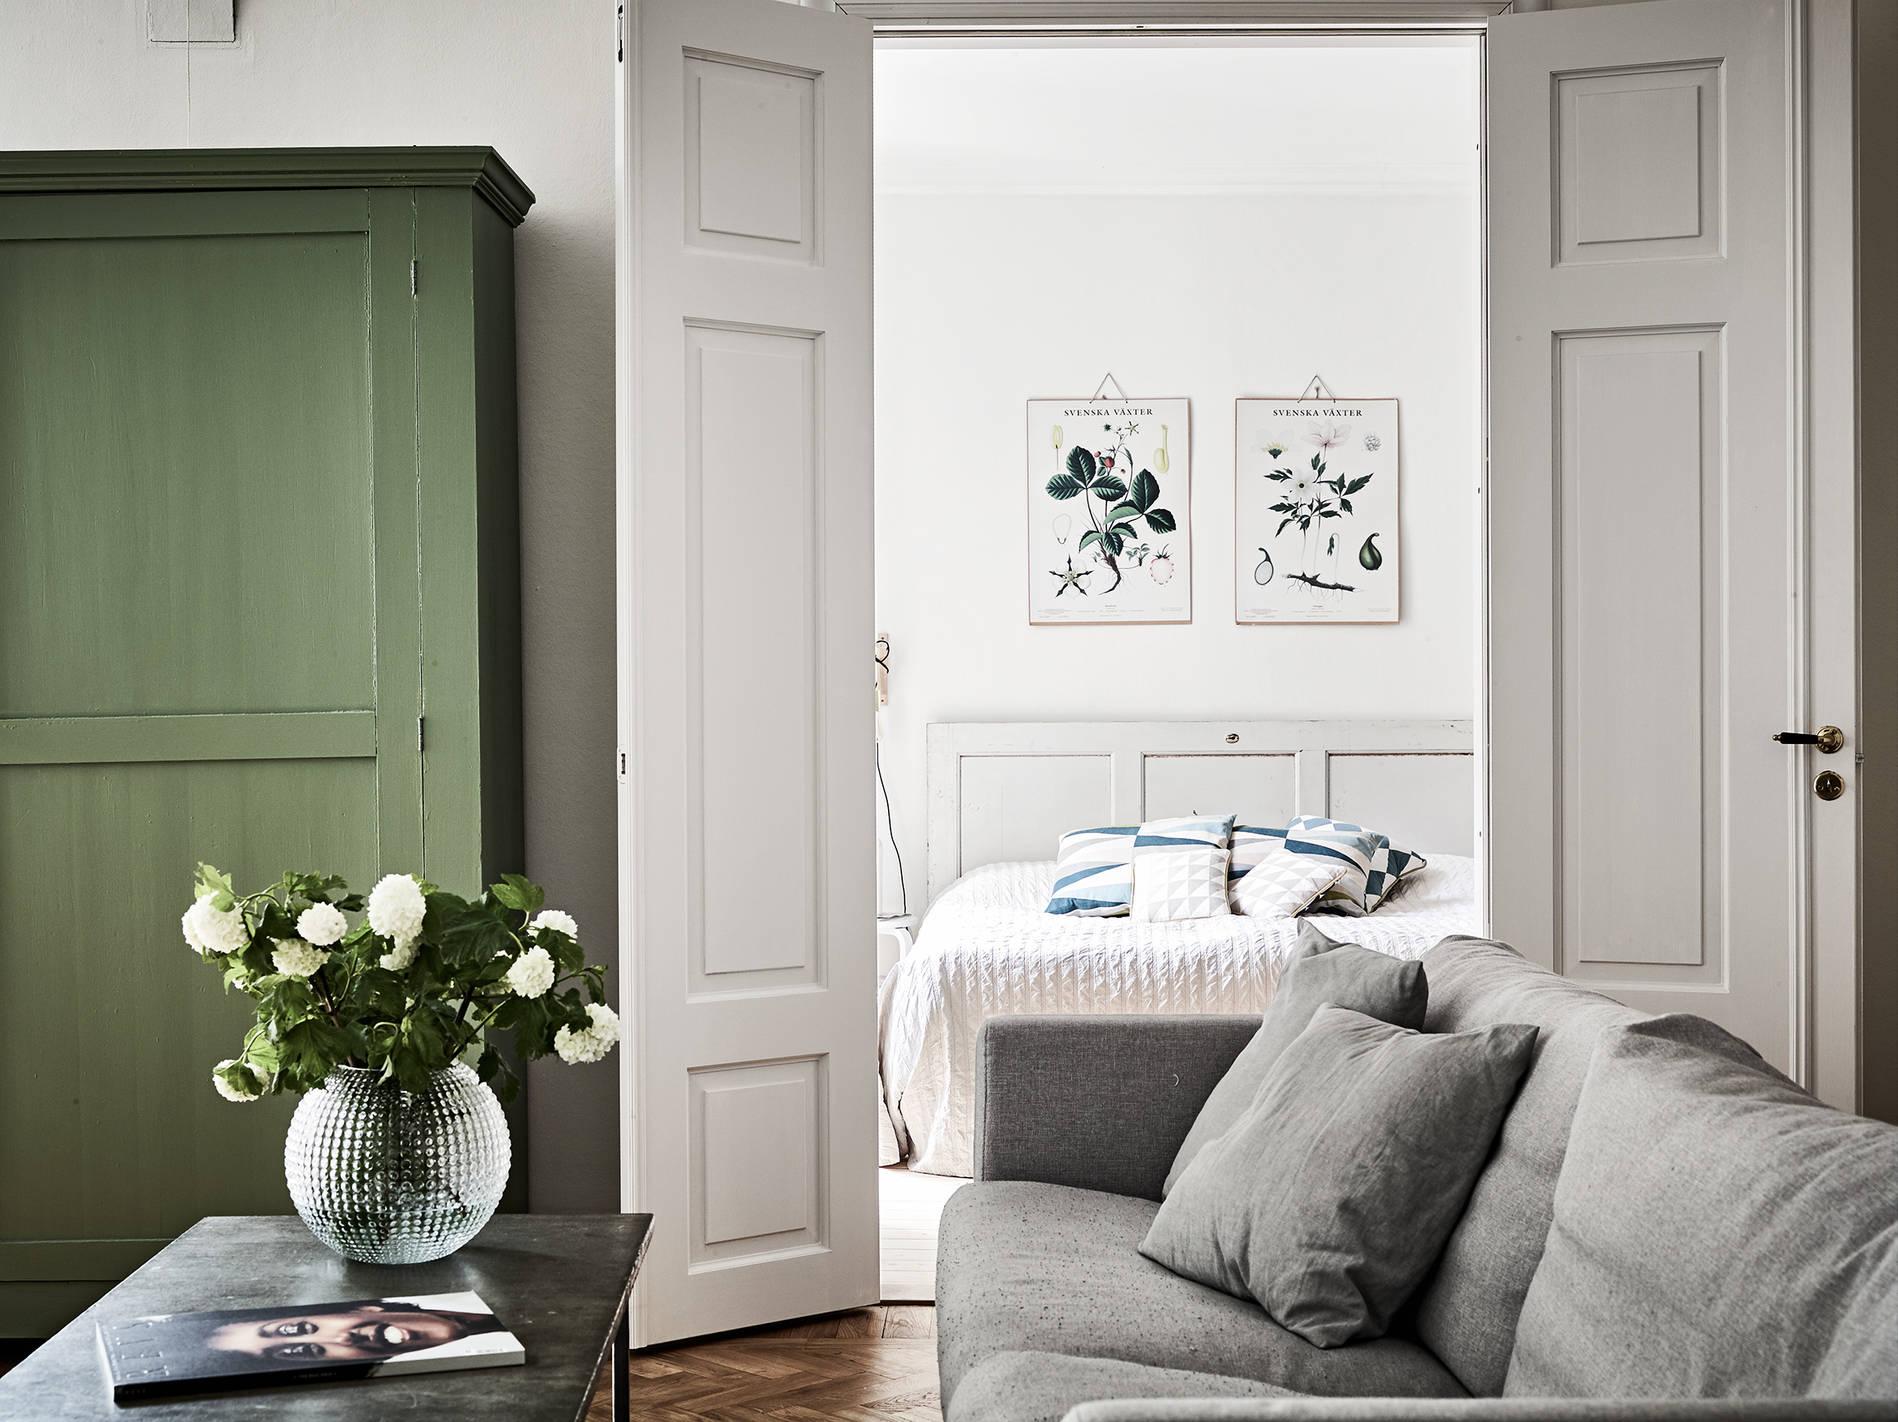 Slaapkamer met landelijk chique sfeer